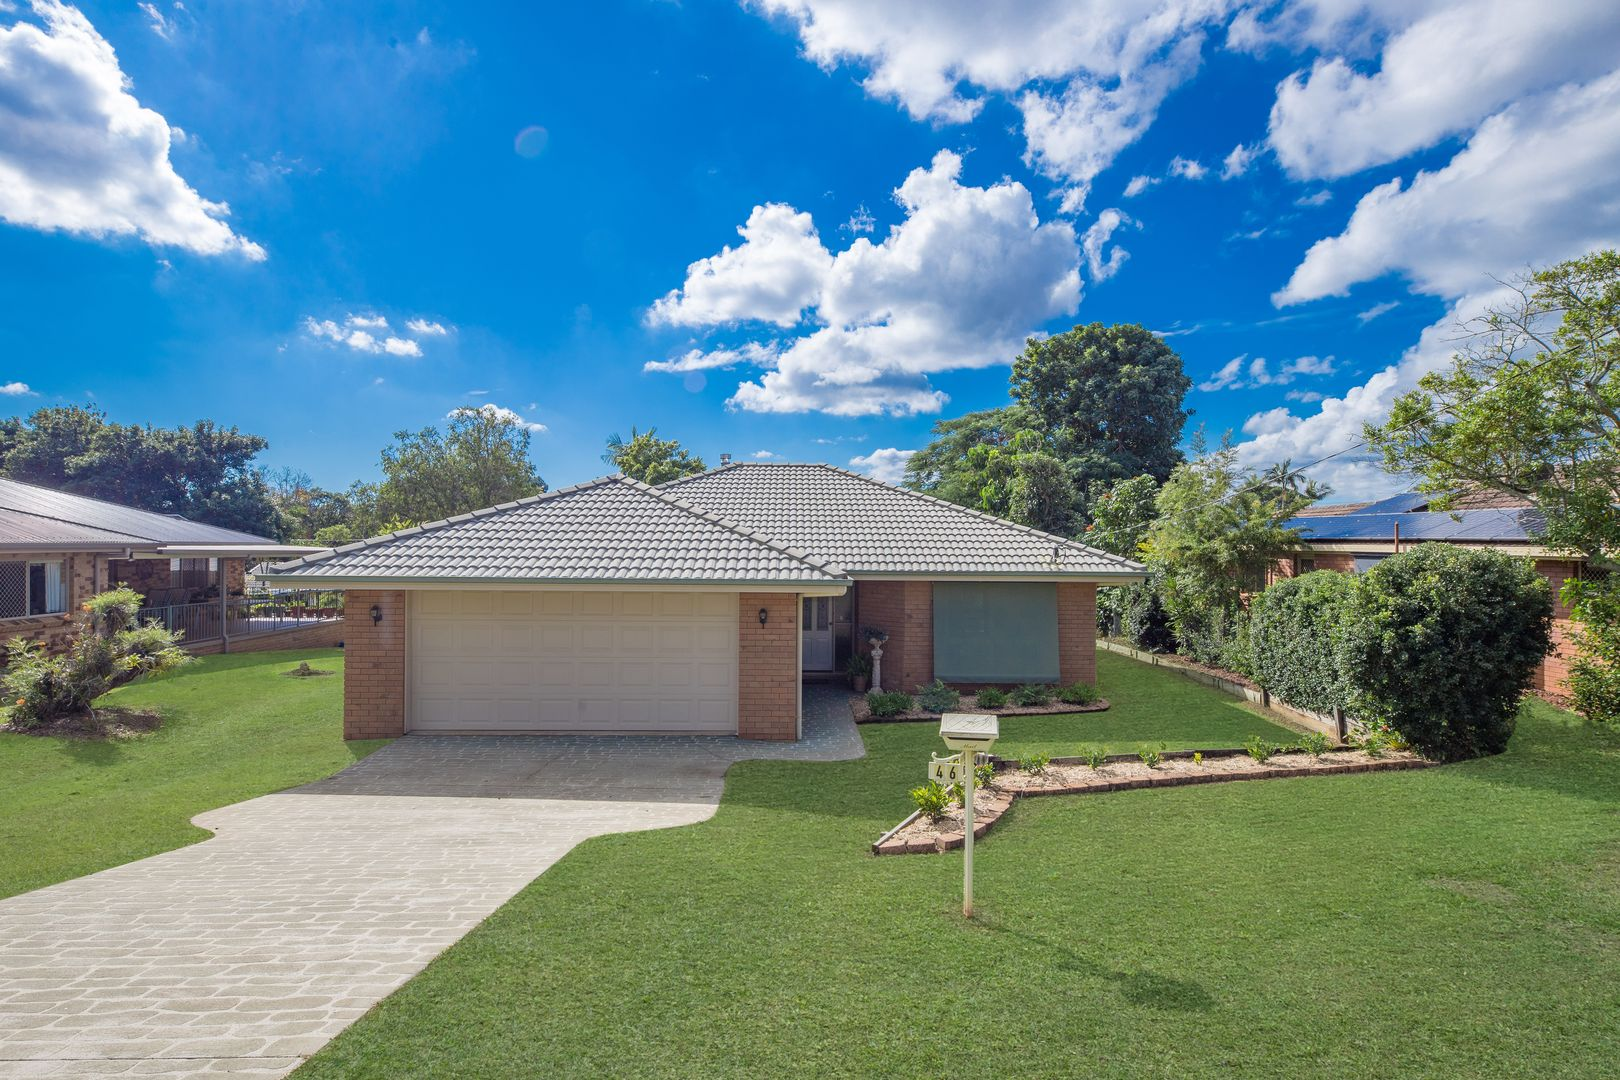 46 Pine Camp Road, Beerwah QLD 4519, Image 0